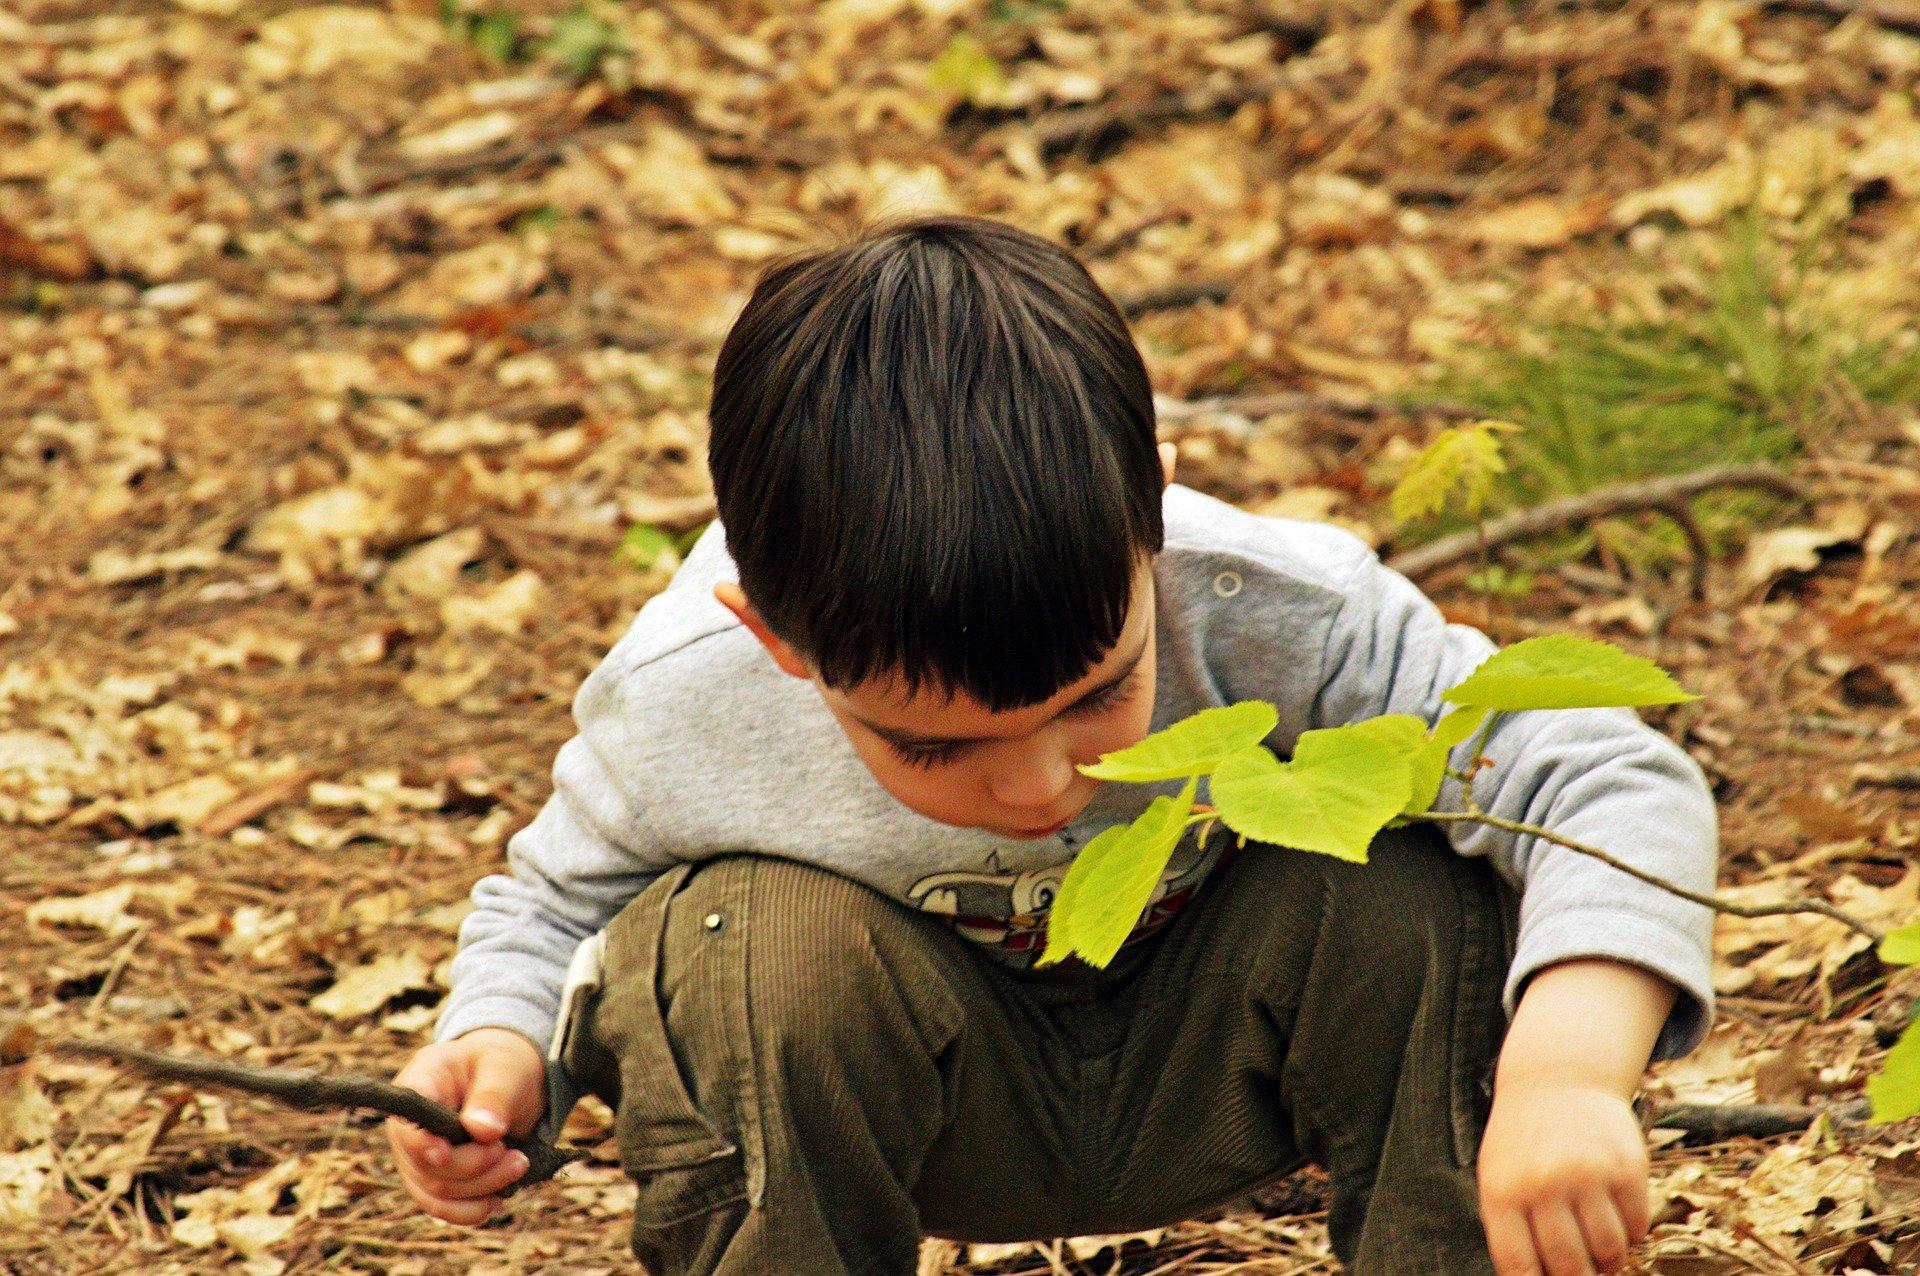 bambino che gioca con le foglie secche a terra